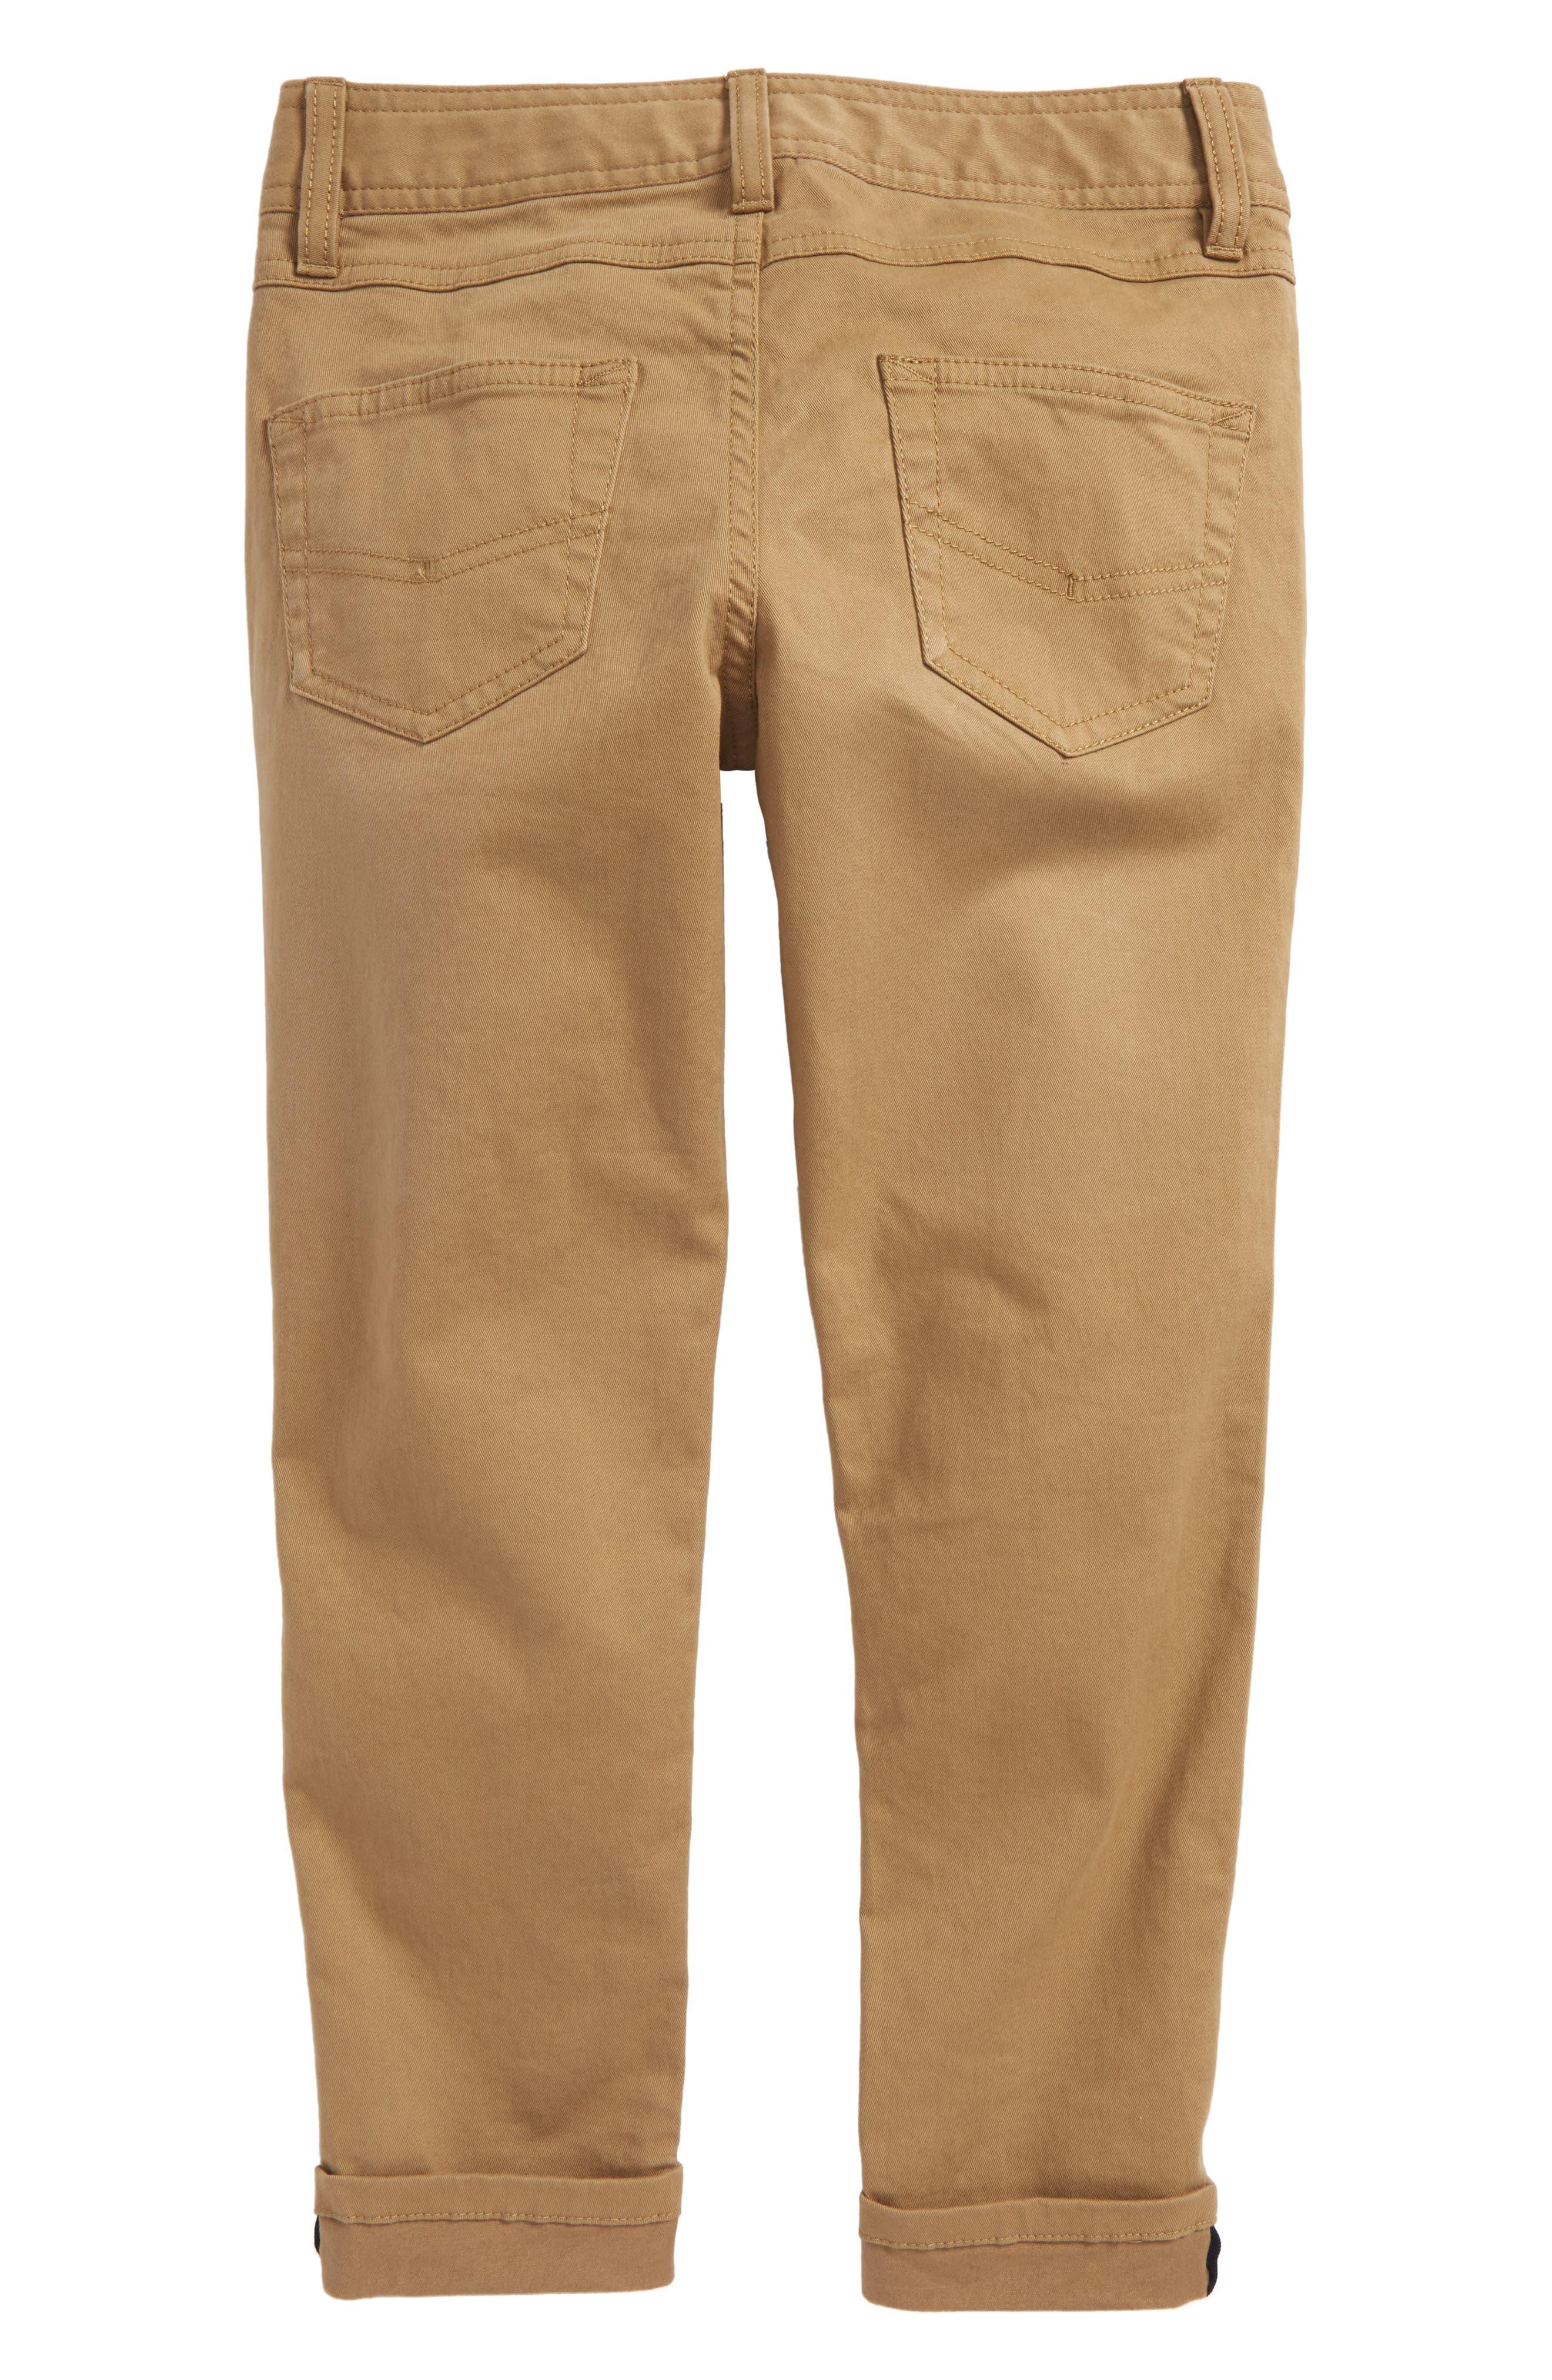 Twill Pants,                             Alternate thumbnail 2, color,                             Tan Kelp